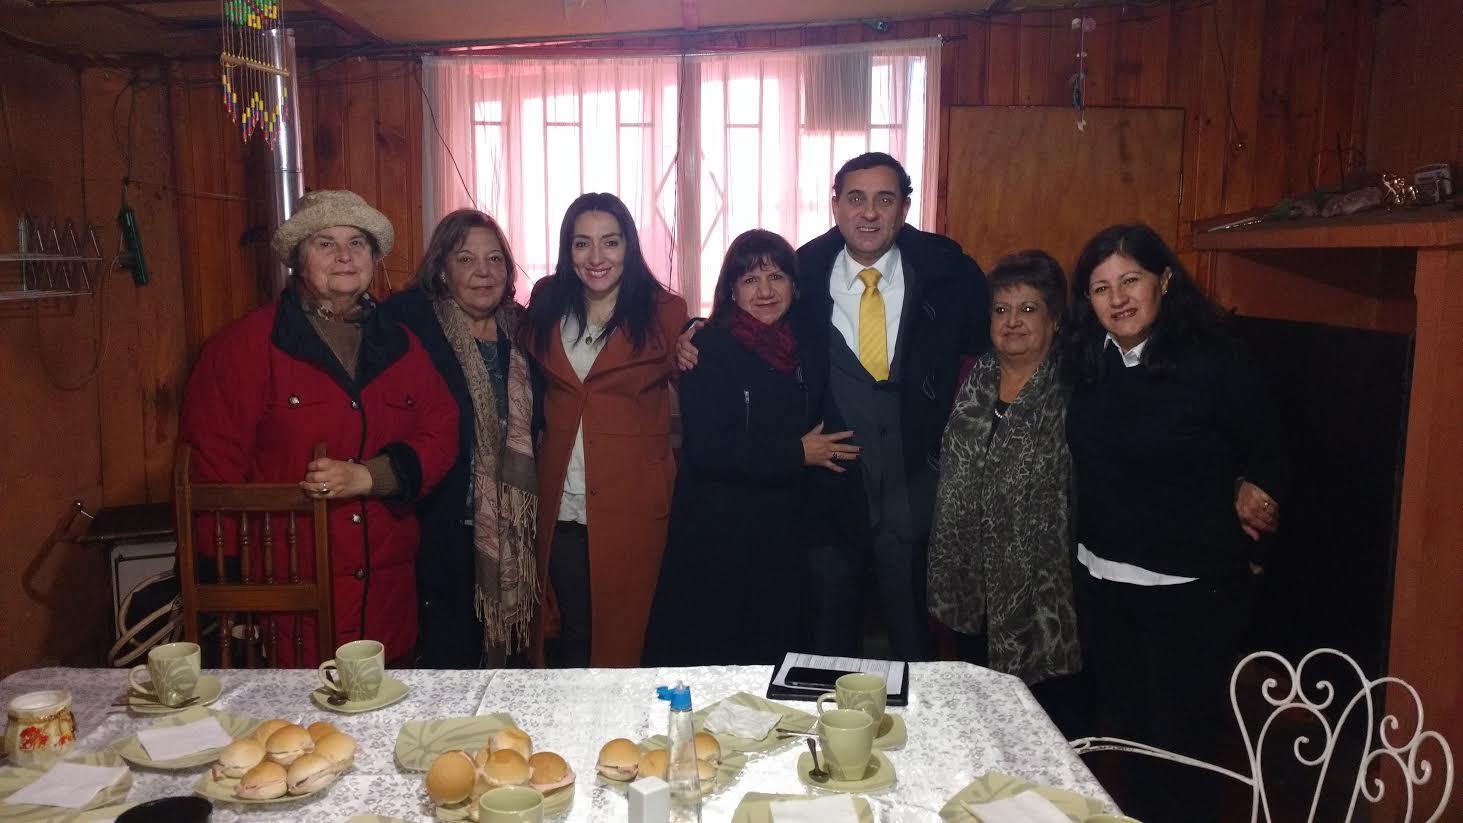 Gobernadora y alcalde de Curicó se reúnen con dirigentes vecinales de villa Electrificación para tratar falta de locomoción